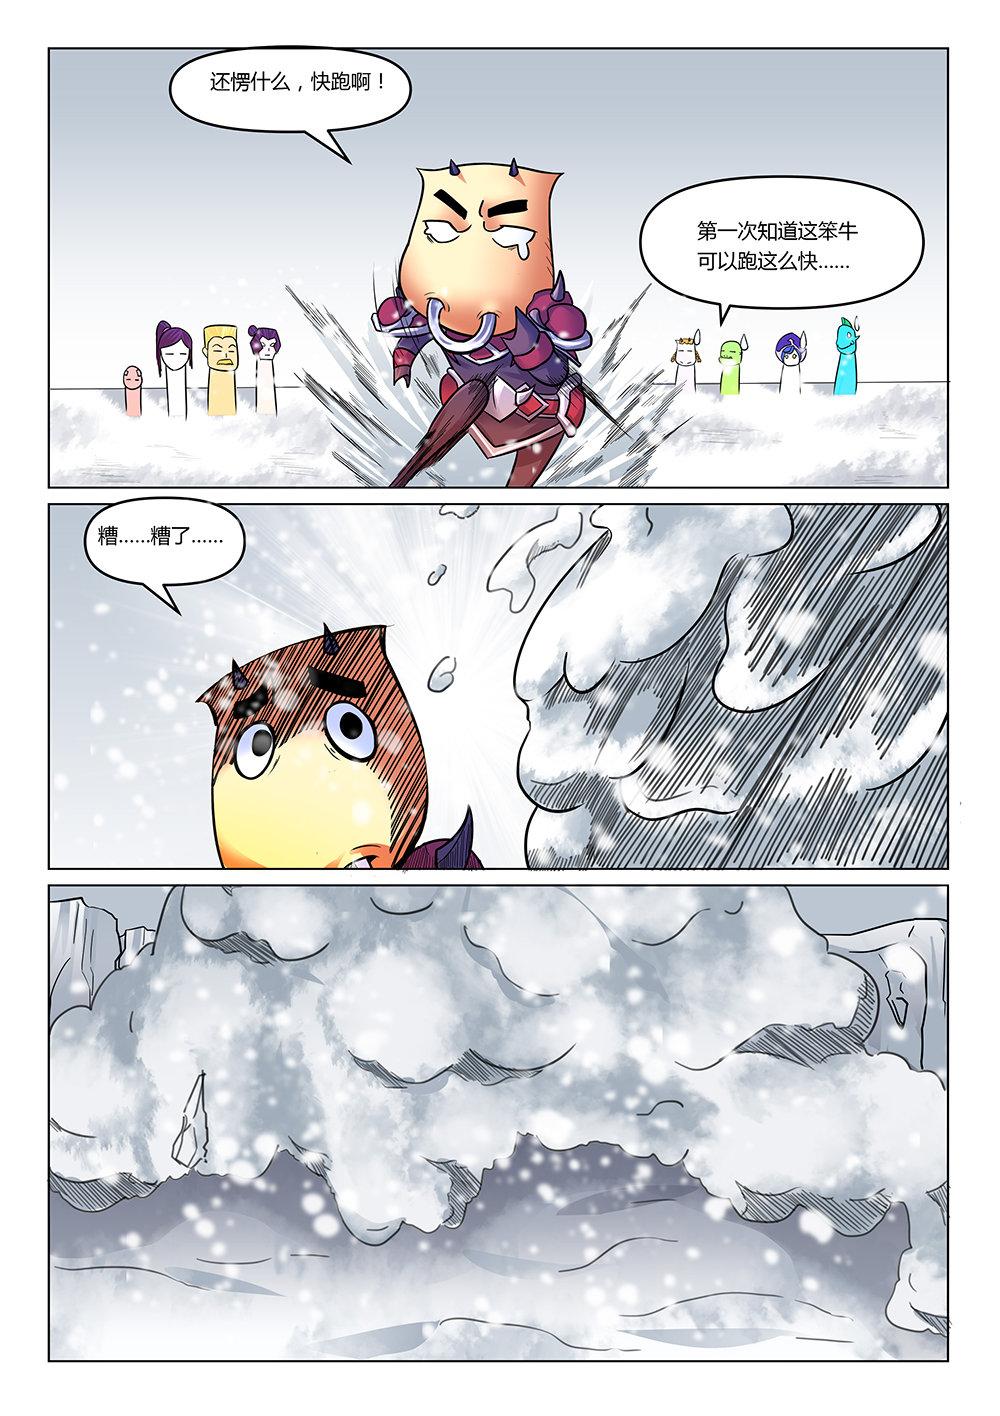 我叫MT4官方连载漫画第六篇:MT部落团队与人类联盟团队对决